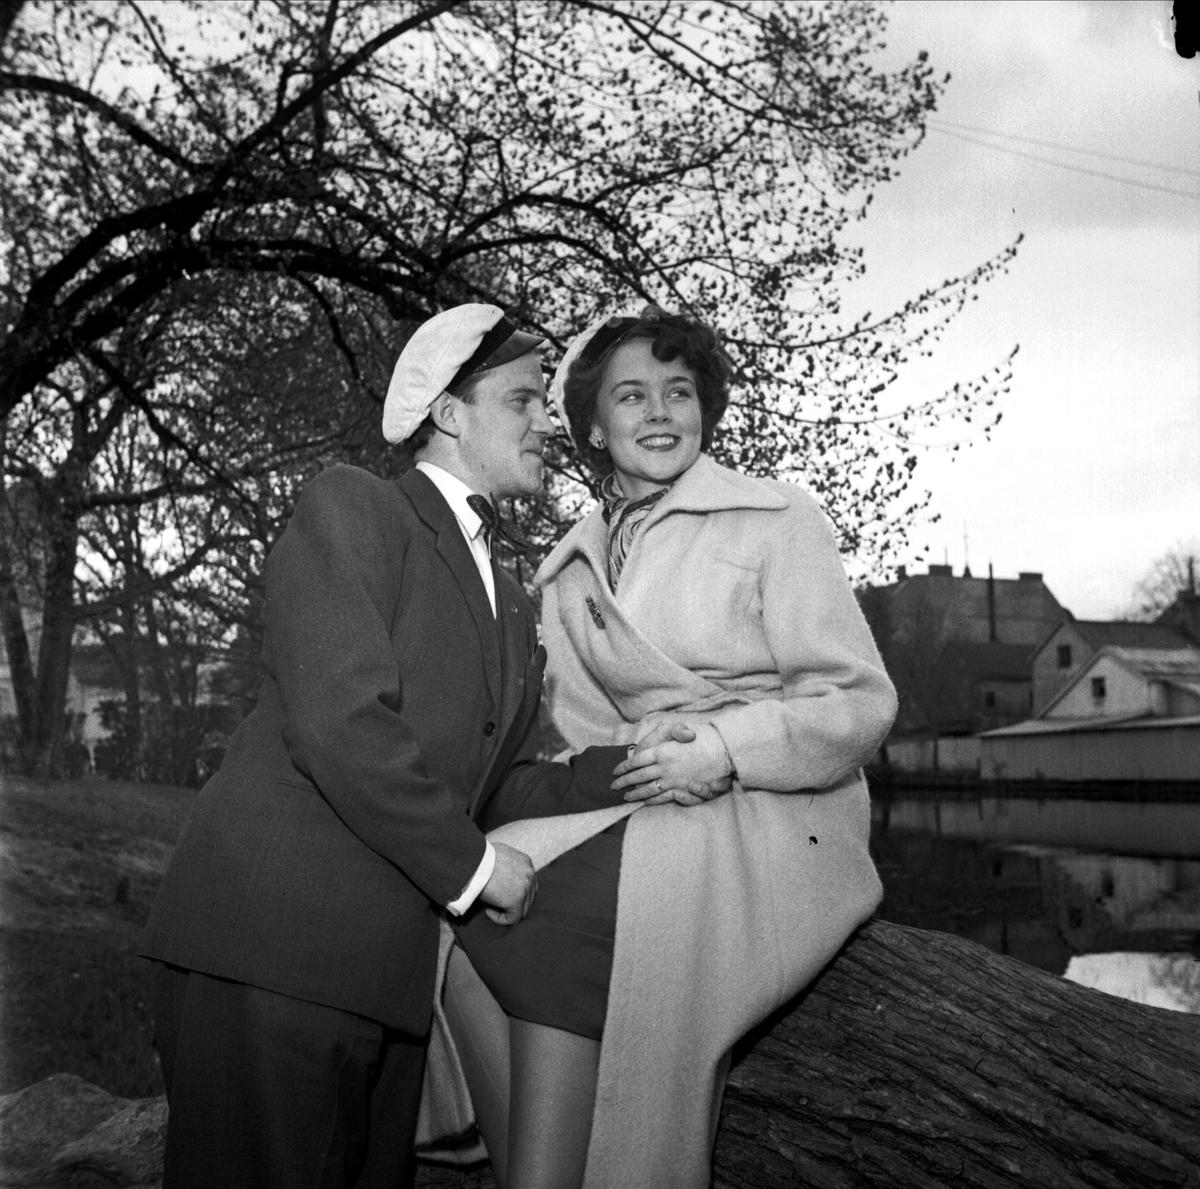 Förlovade - paret Brundin och Qvarnström vid Fyrisån, Uppsala